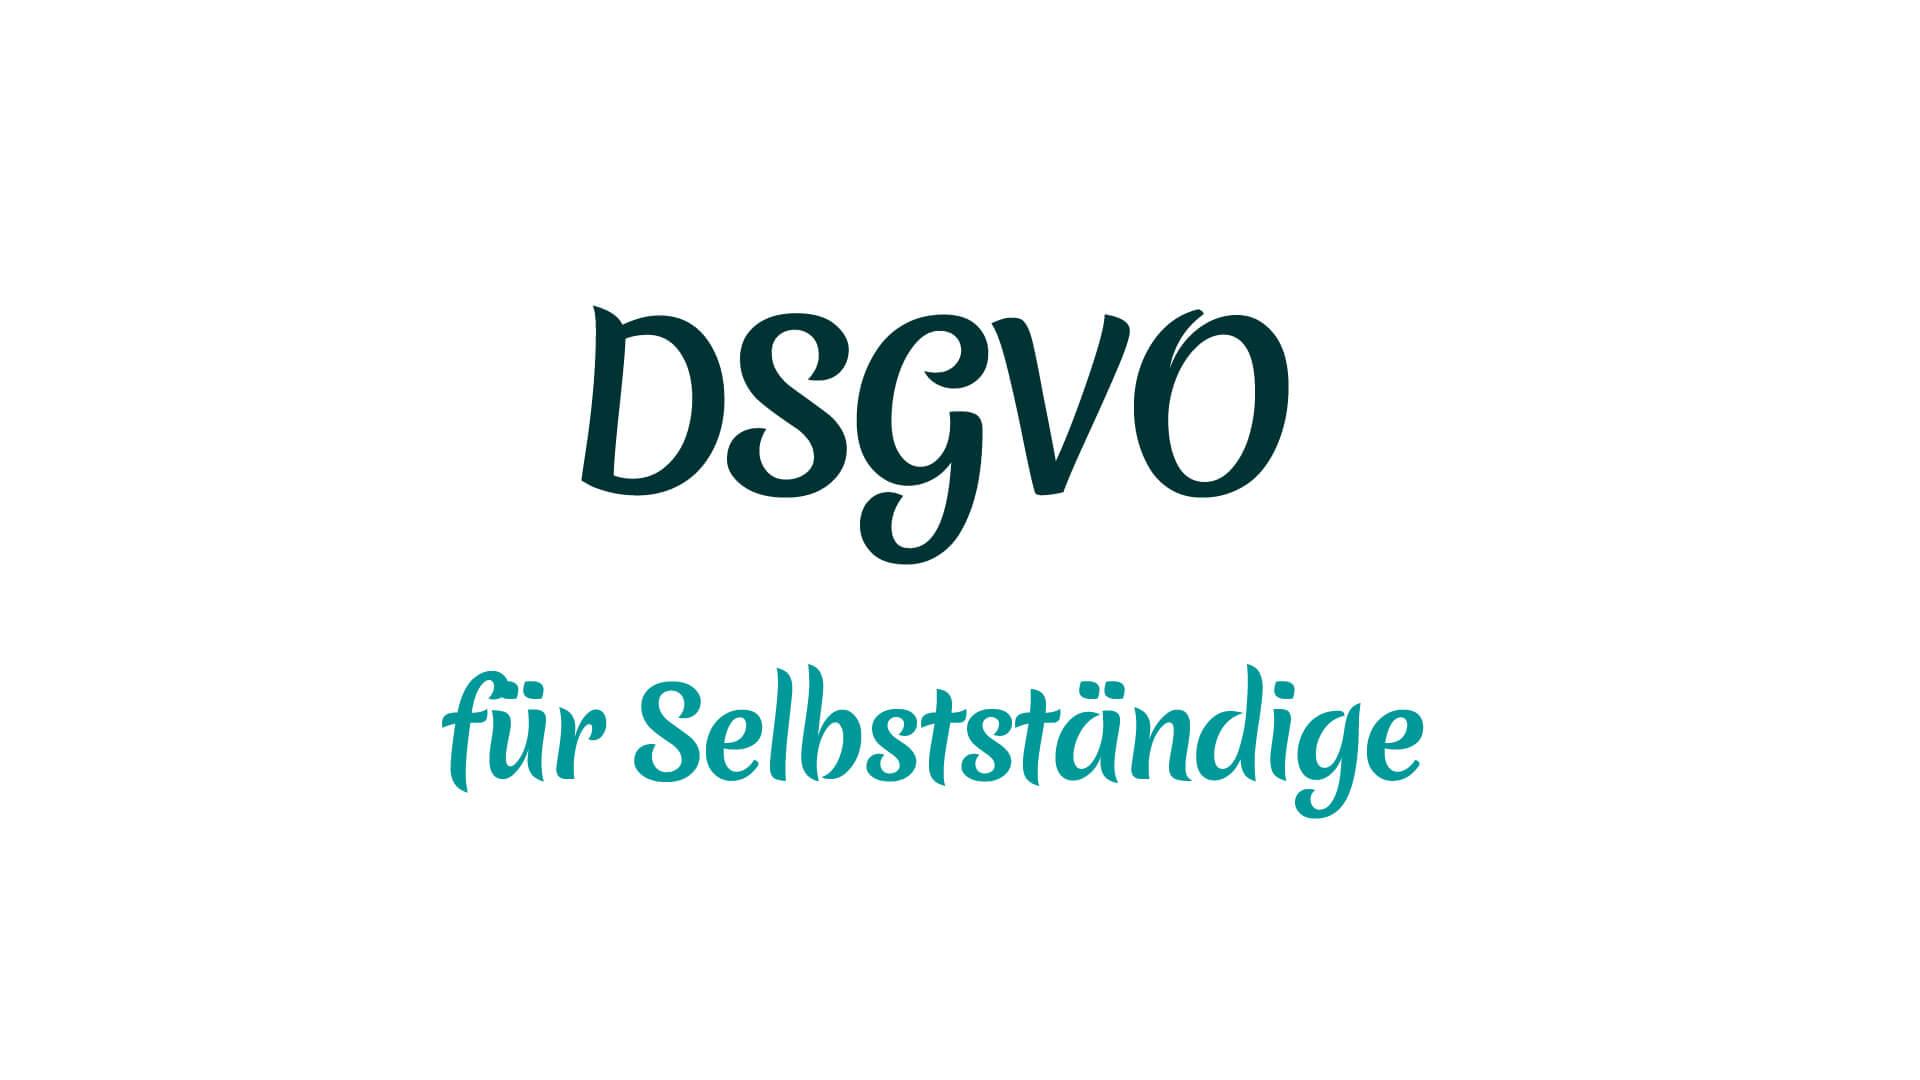 DSGVO für Selbstständige - was muss ich beachten?